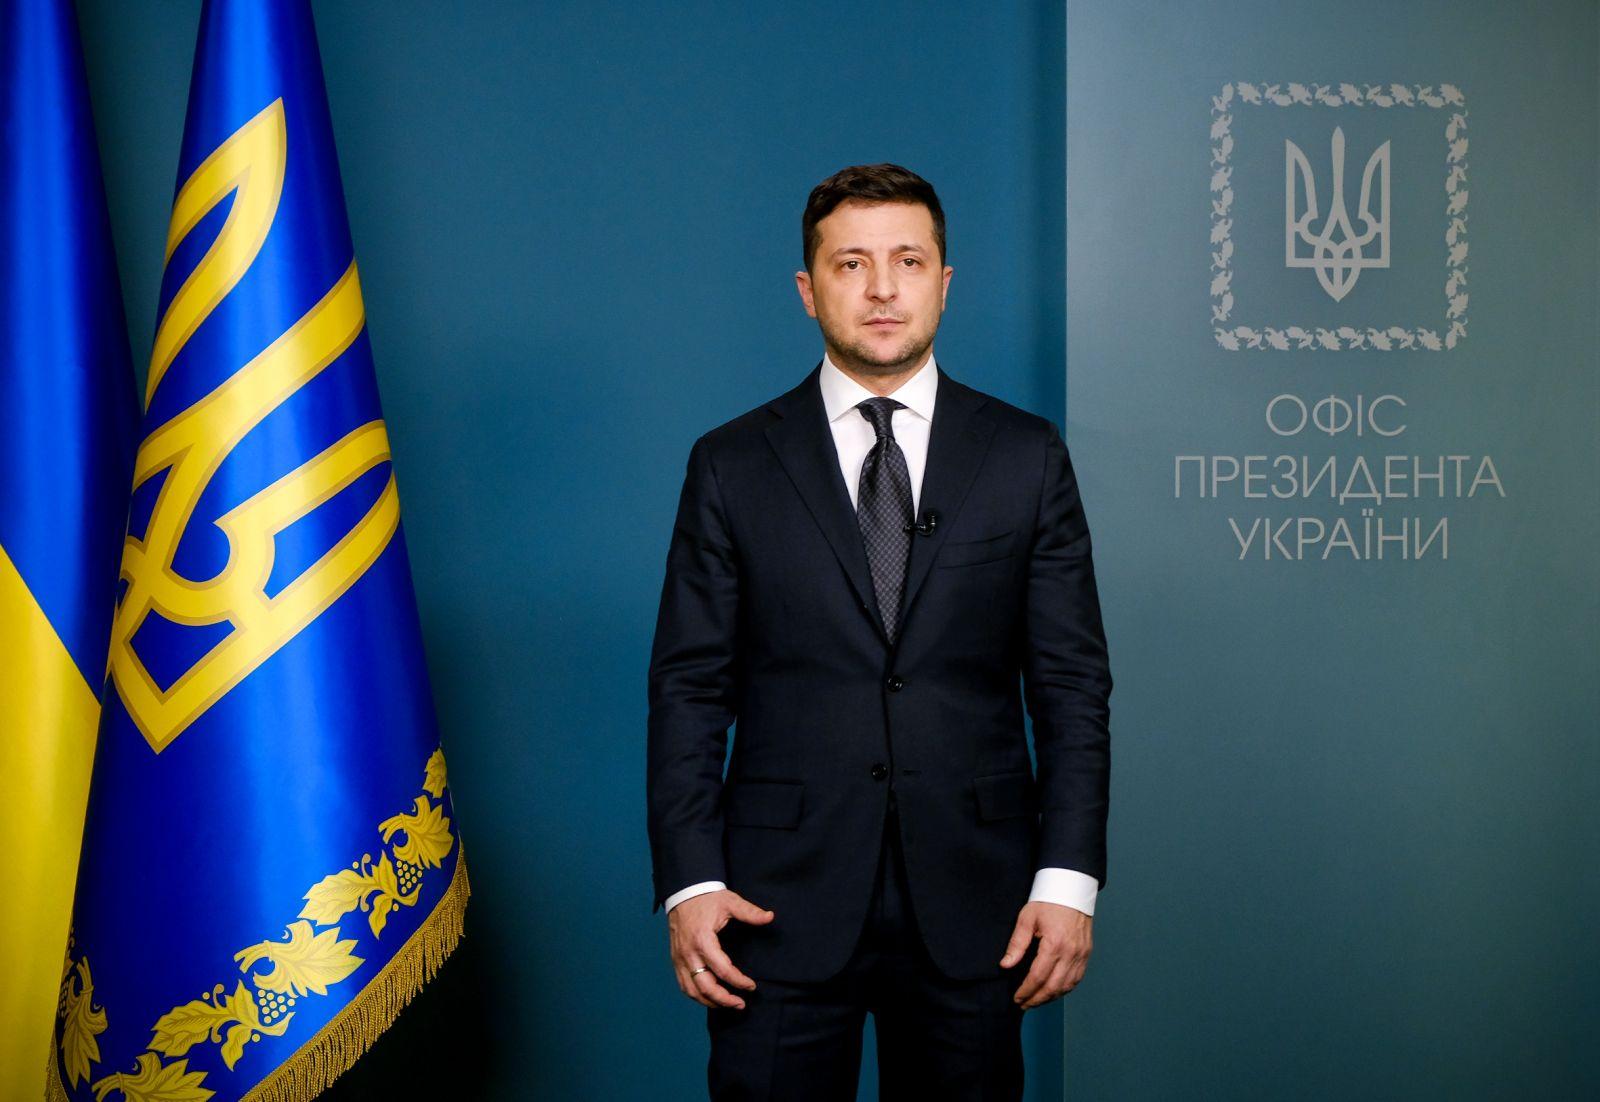 Президент анонсував жорсткі заходи безпеки, які можуть запровадити в Україні вже з 17 березня (ВІДЕО) - коронавірус, карантин, Зеленський - 16 zelenskyj